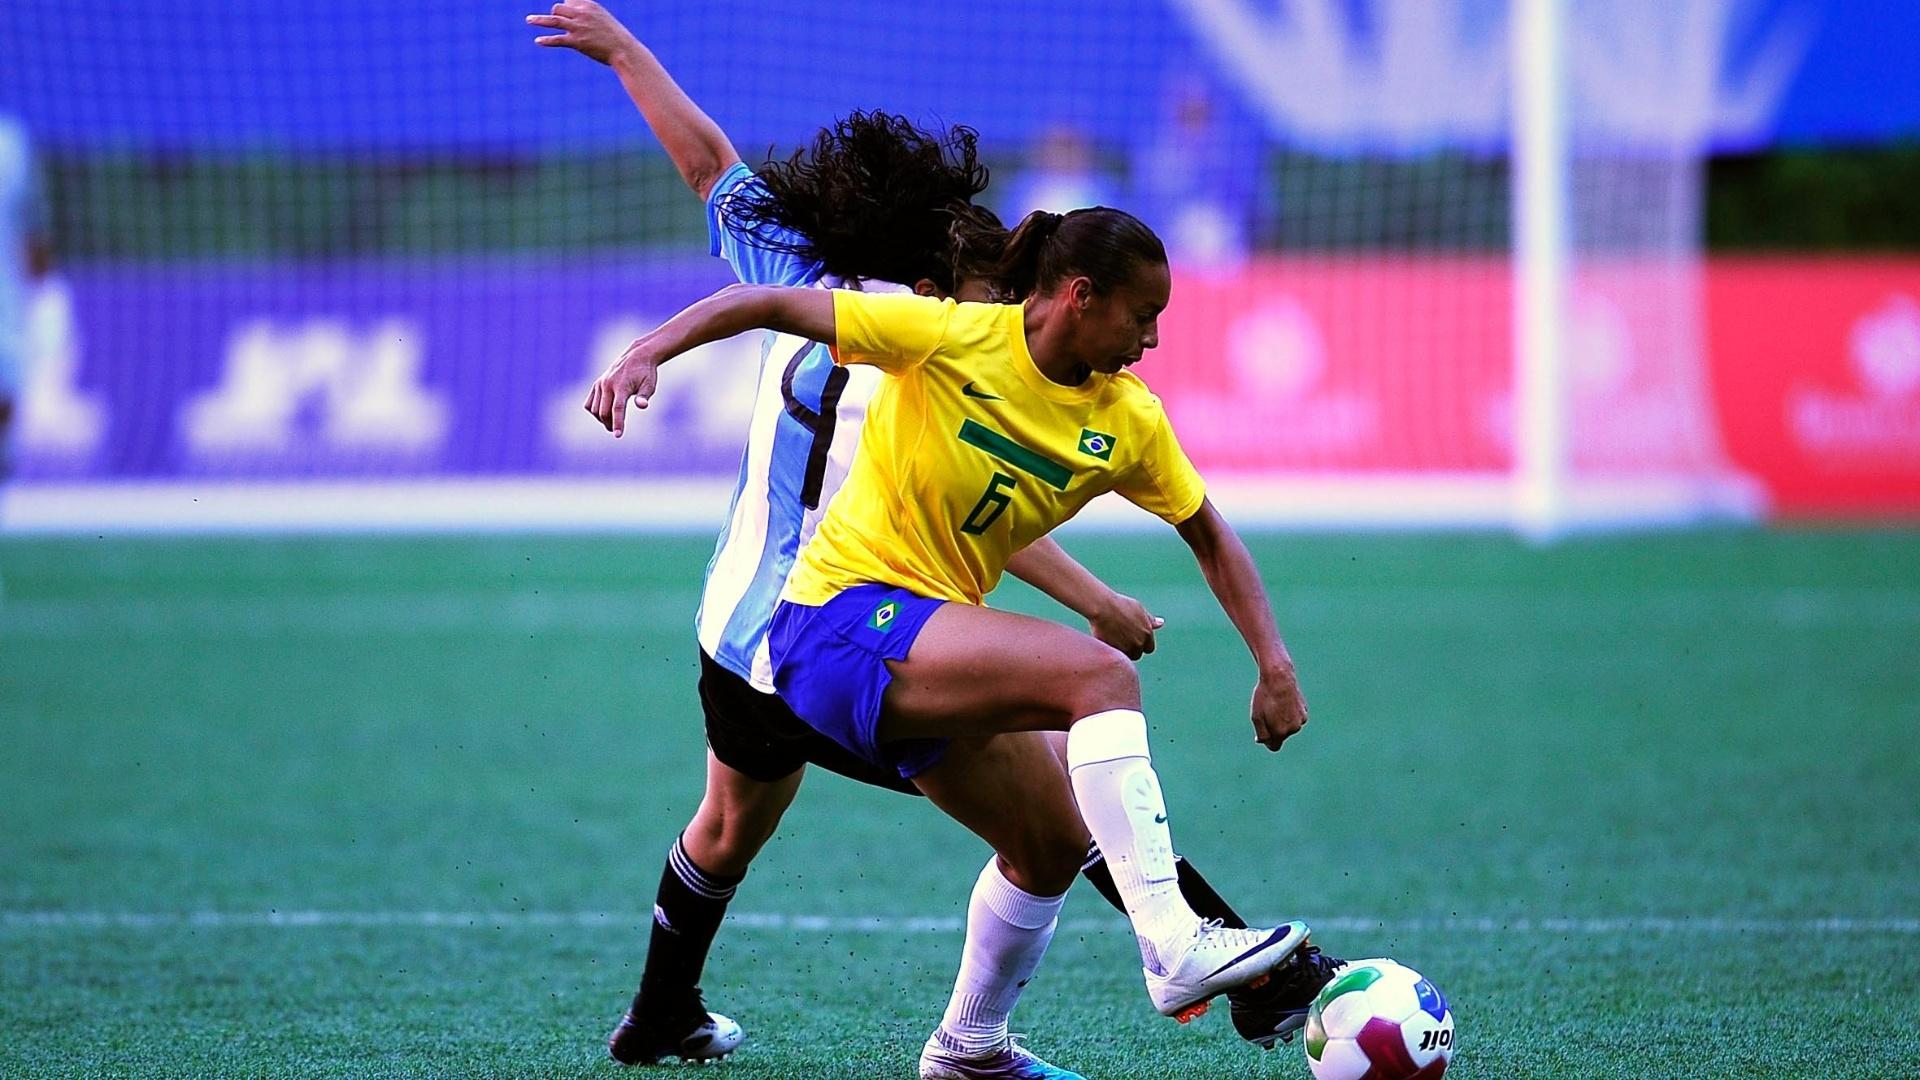 Rosana disputa bola com jogadora argentina na estreia da seleção brasileira feminina de futebol no Pan (1810/2011)